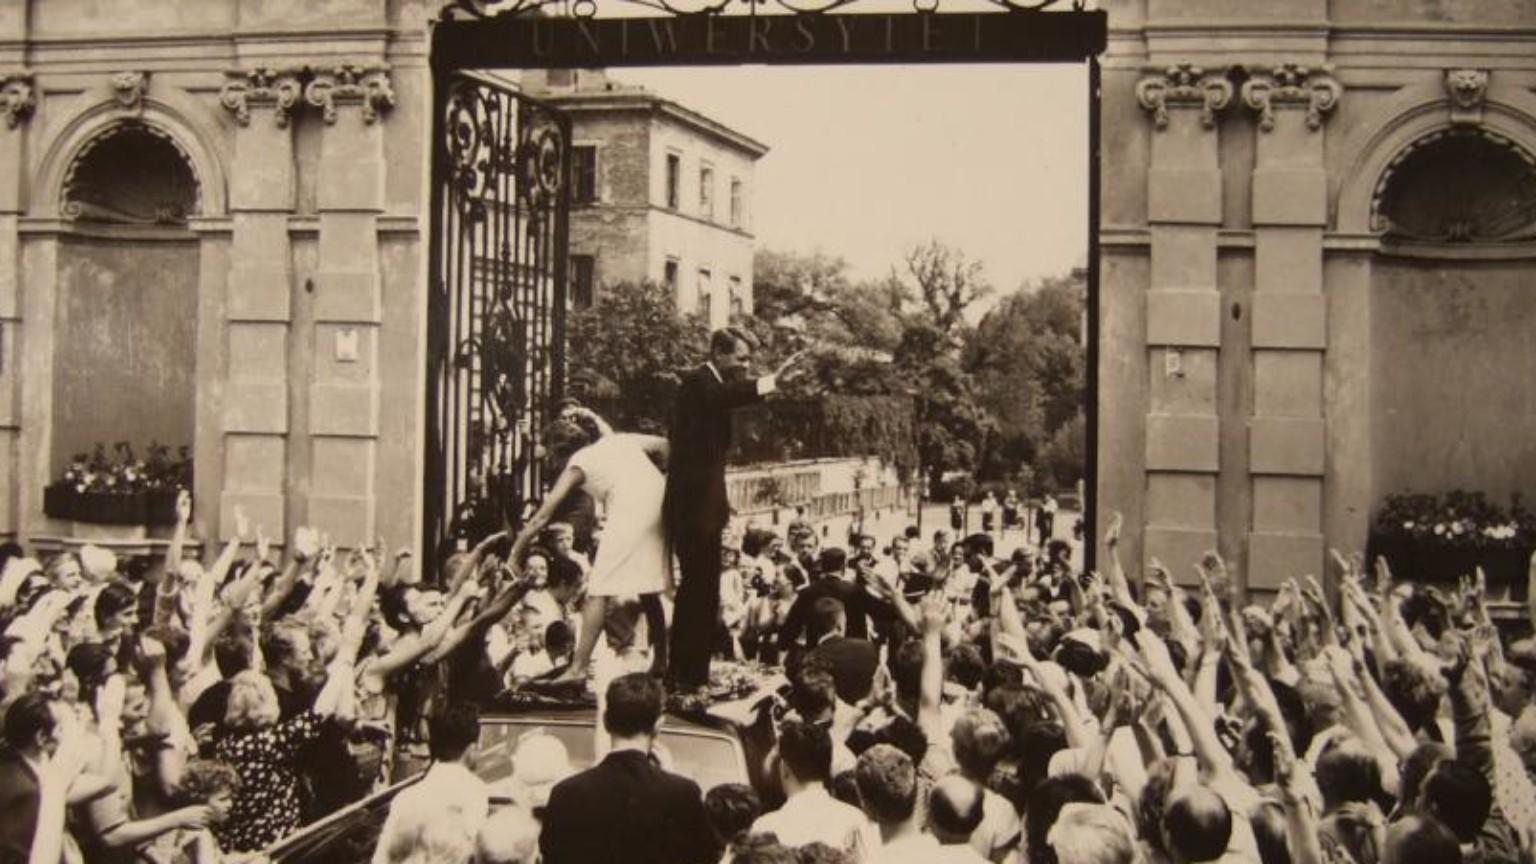 Zdjęcie dla kartki: Robert Kennedy zdobywa serca warszawiaków